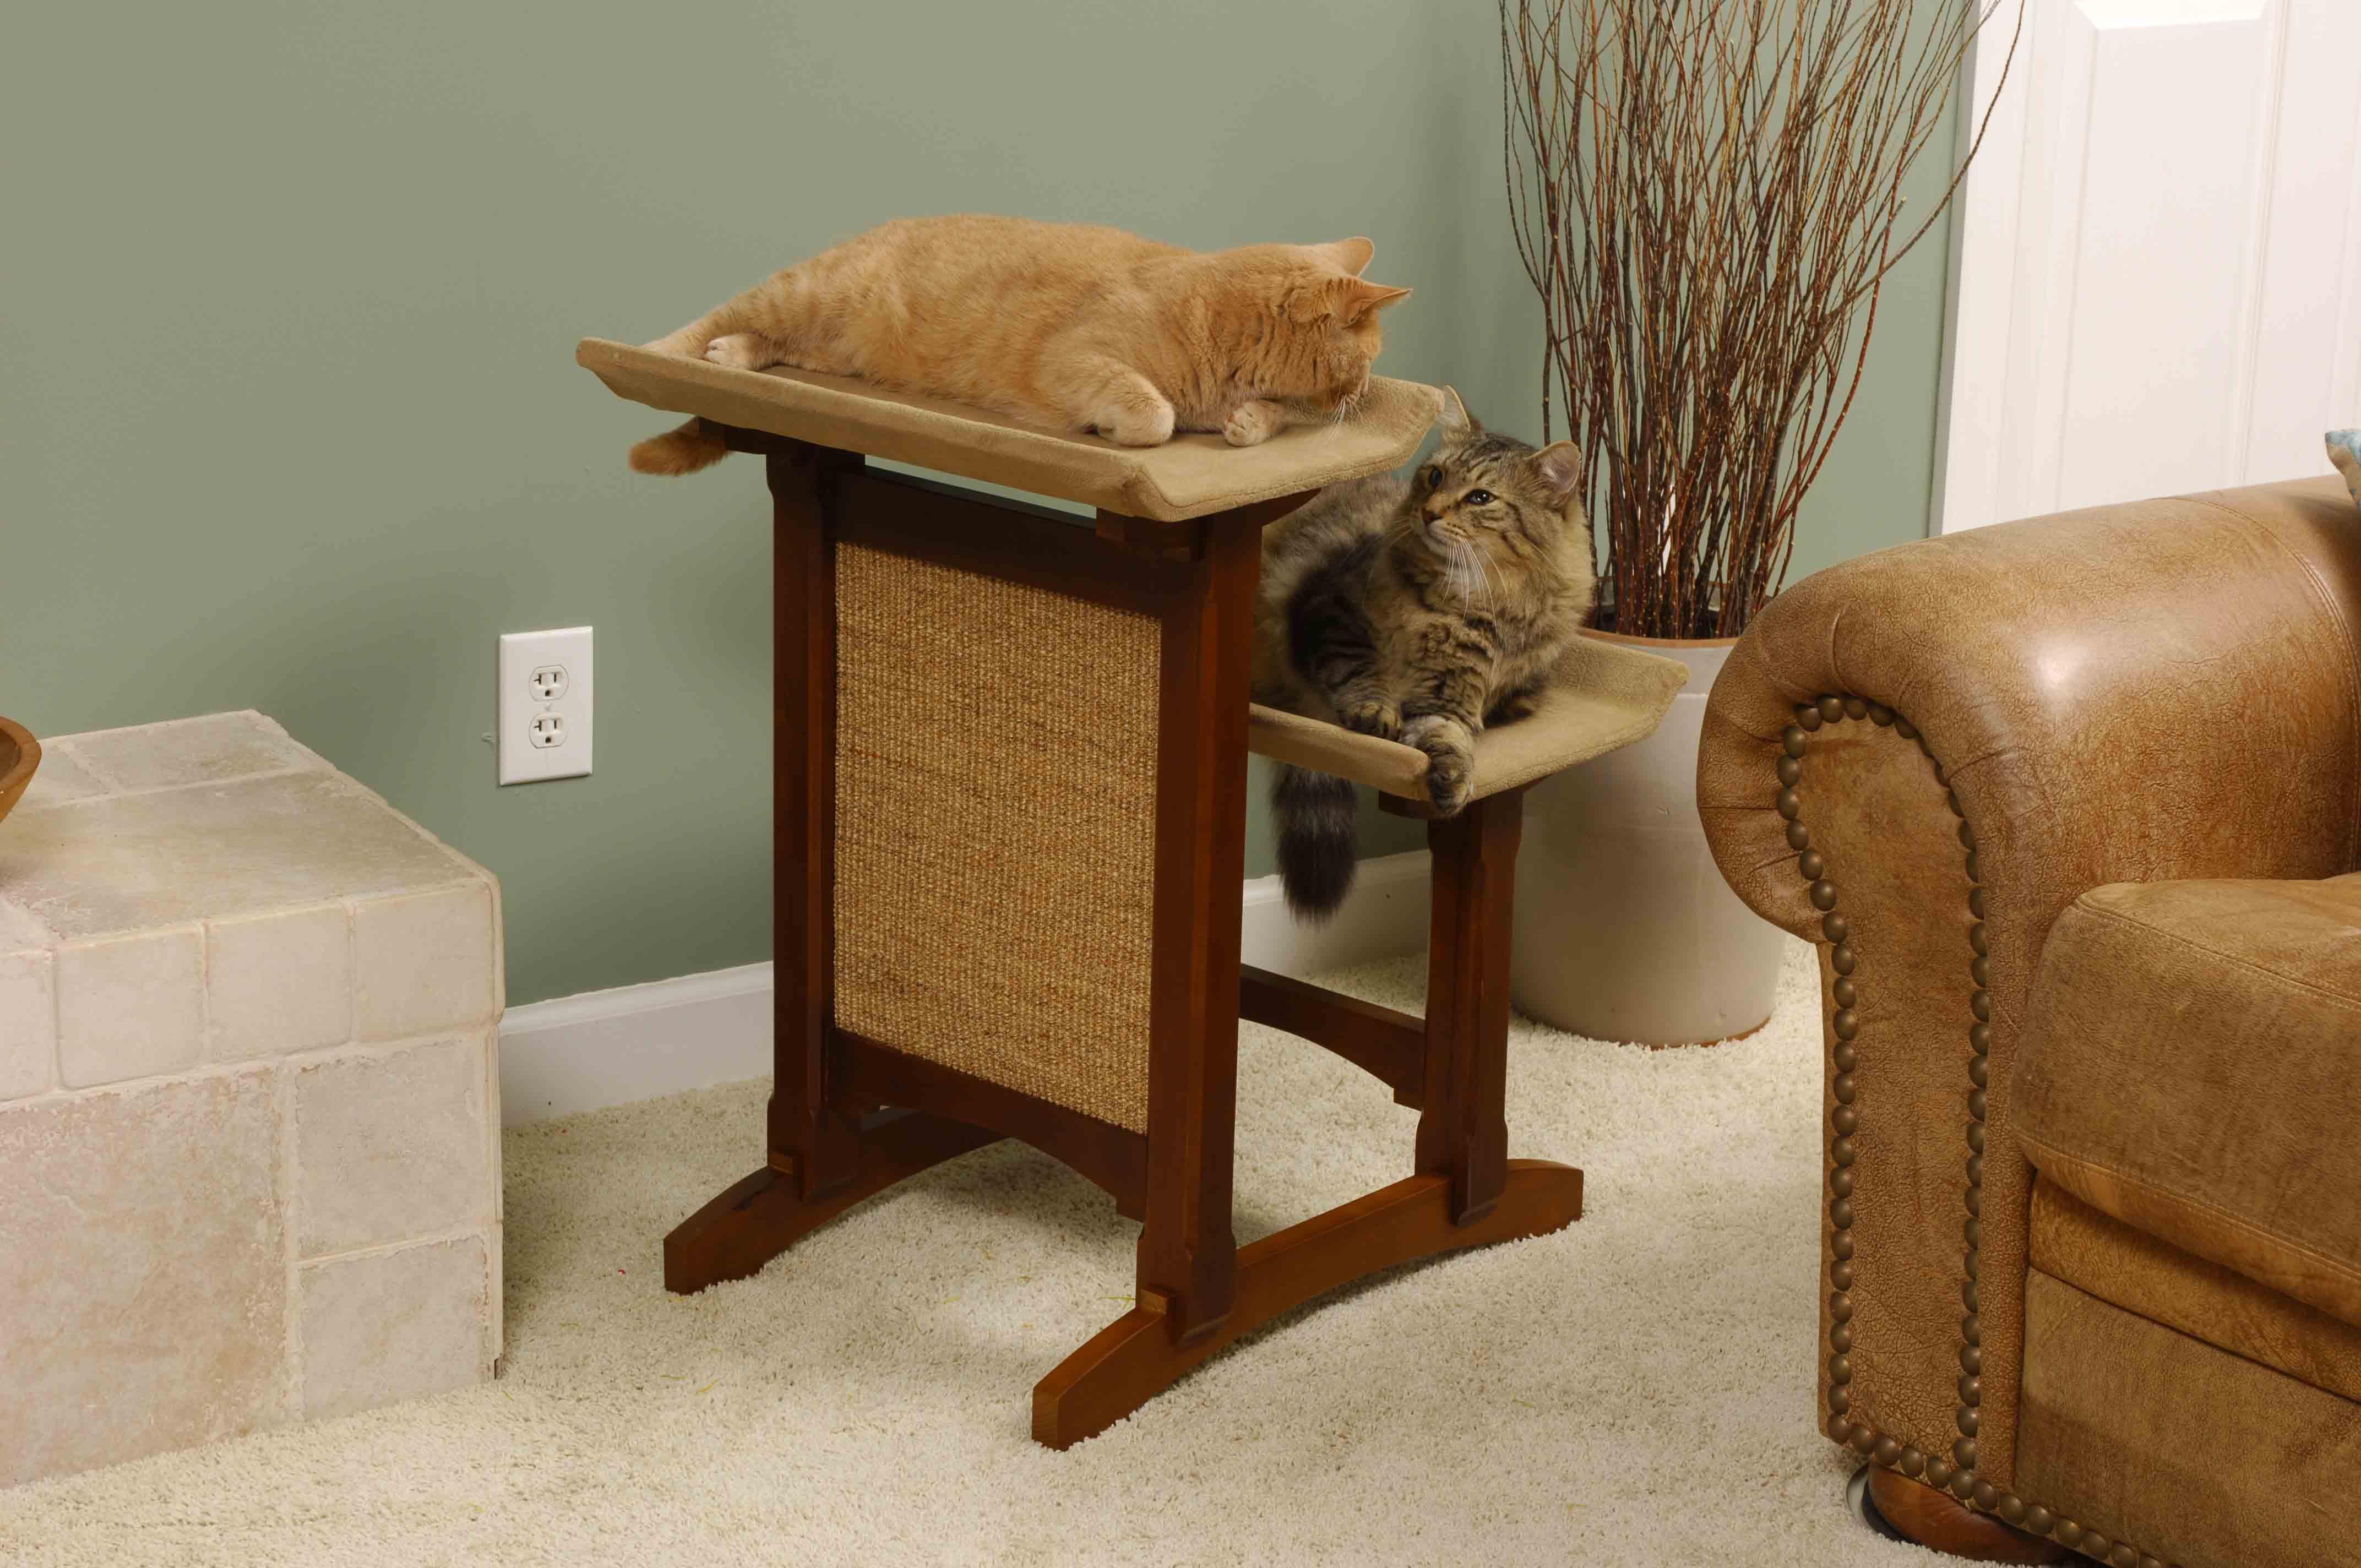 Кот царапает все вокруг. самые действенные методы борьбы с проблемой!